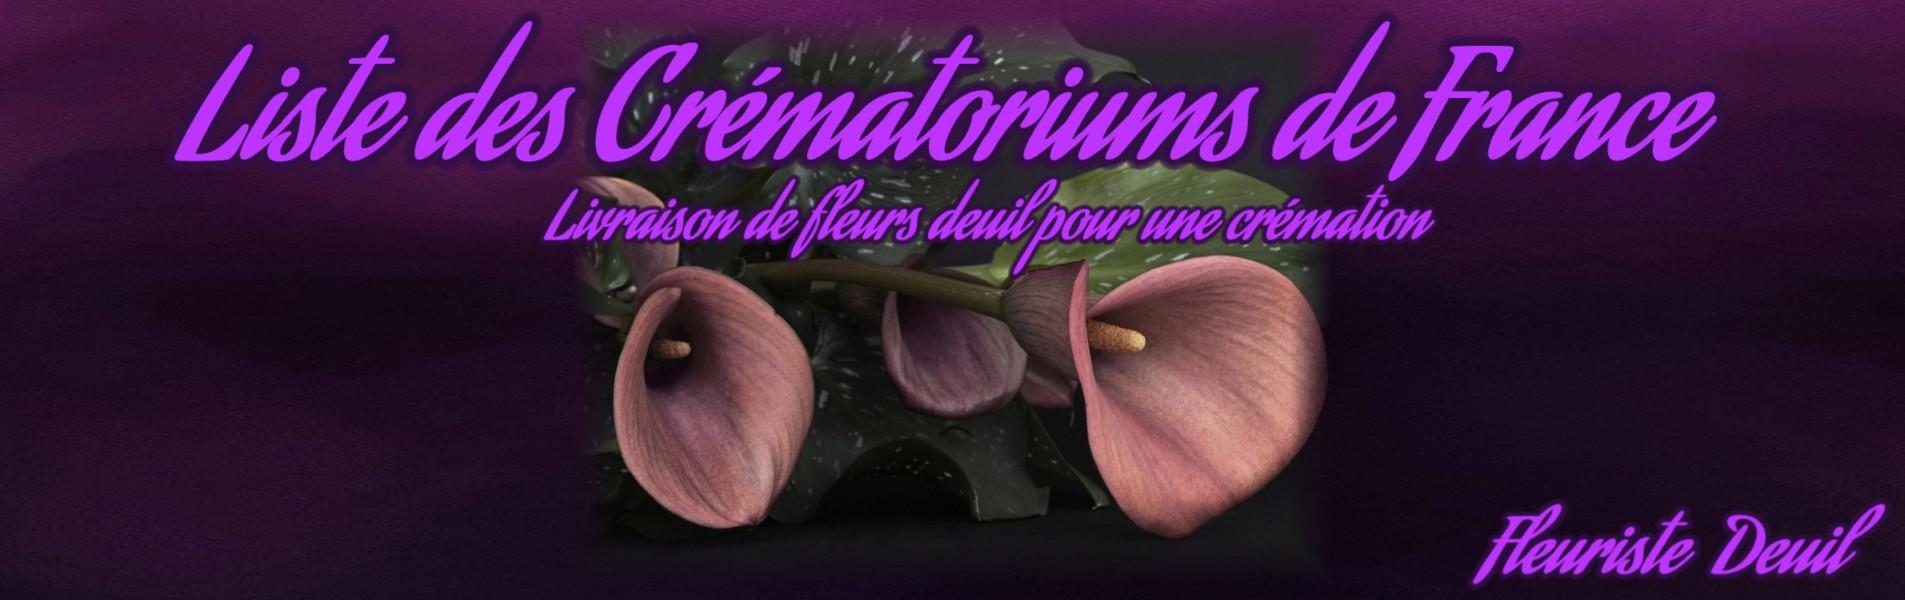 LISTE DES CRÉMATORIUMS DE FRANCE - FLEURS DEUIL LIVRAISON